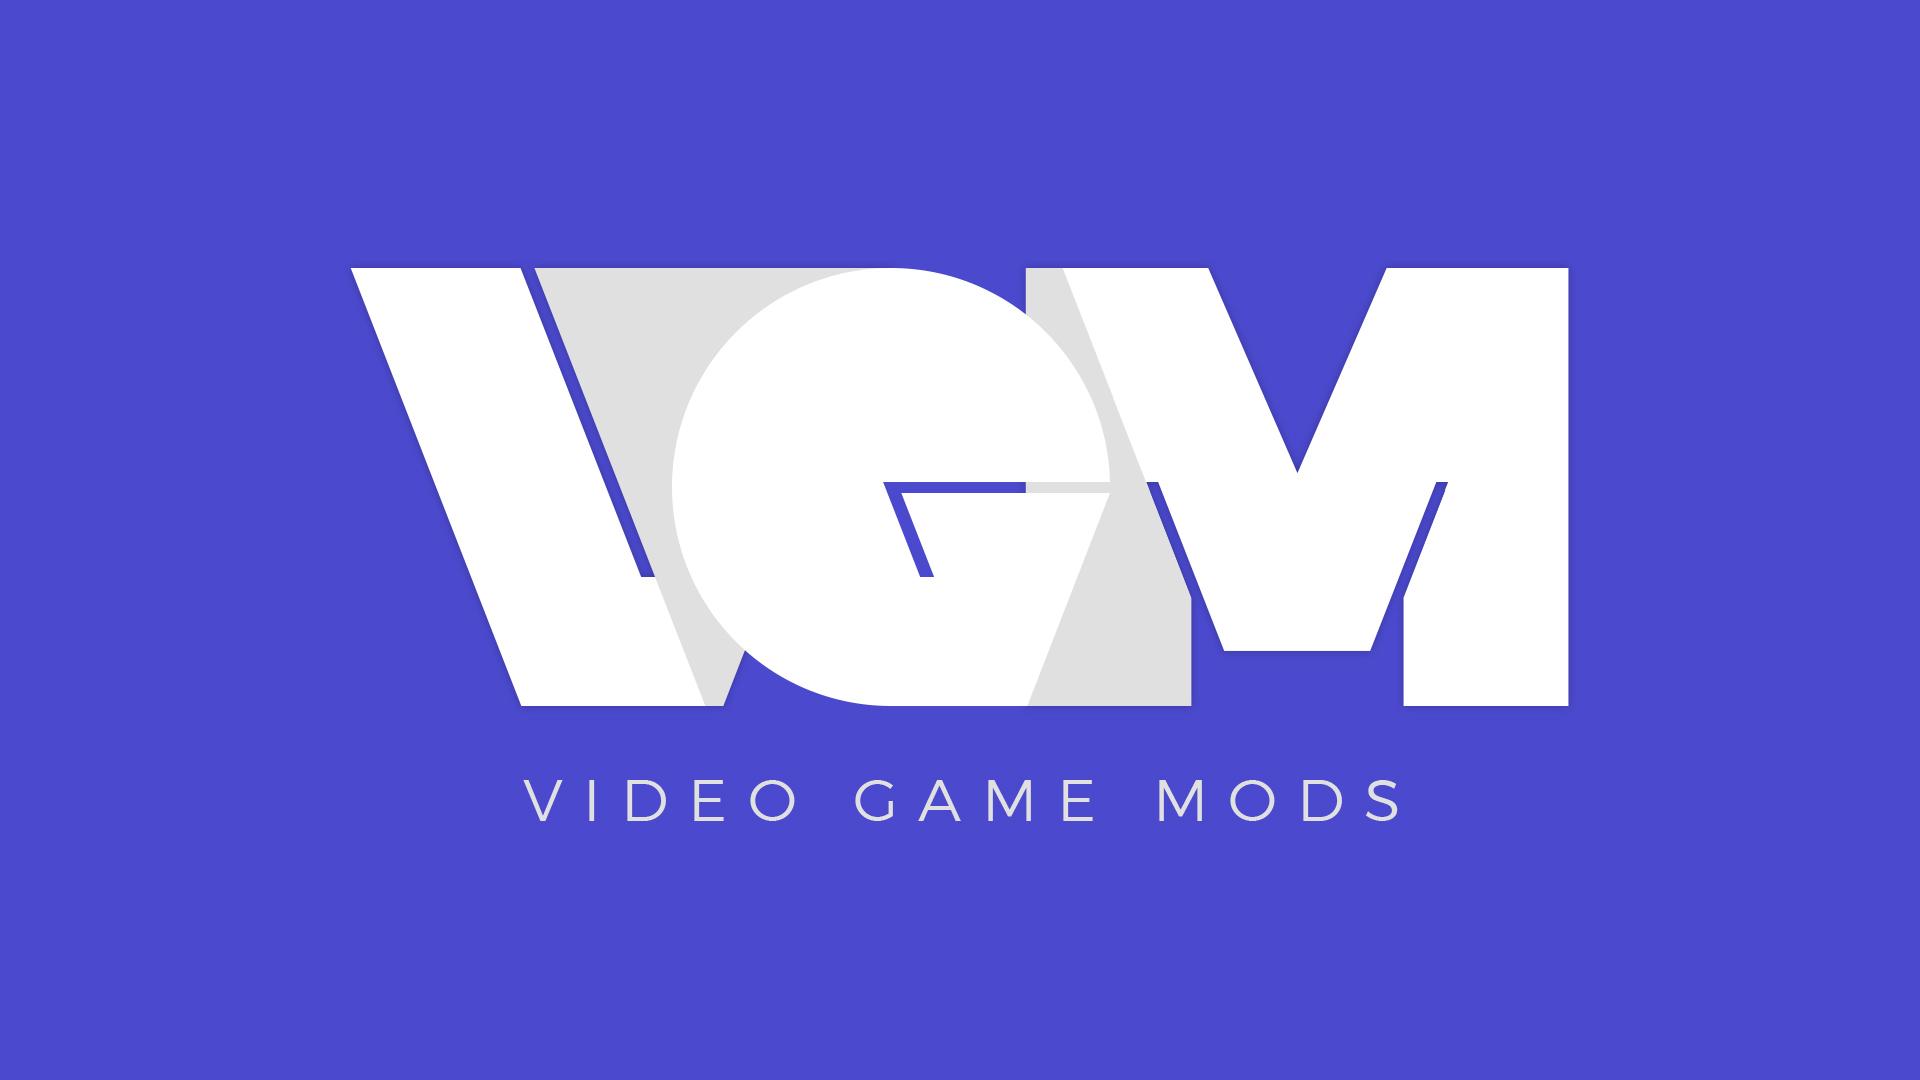 Video-game-mods-logo